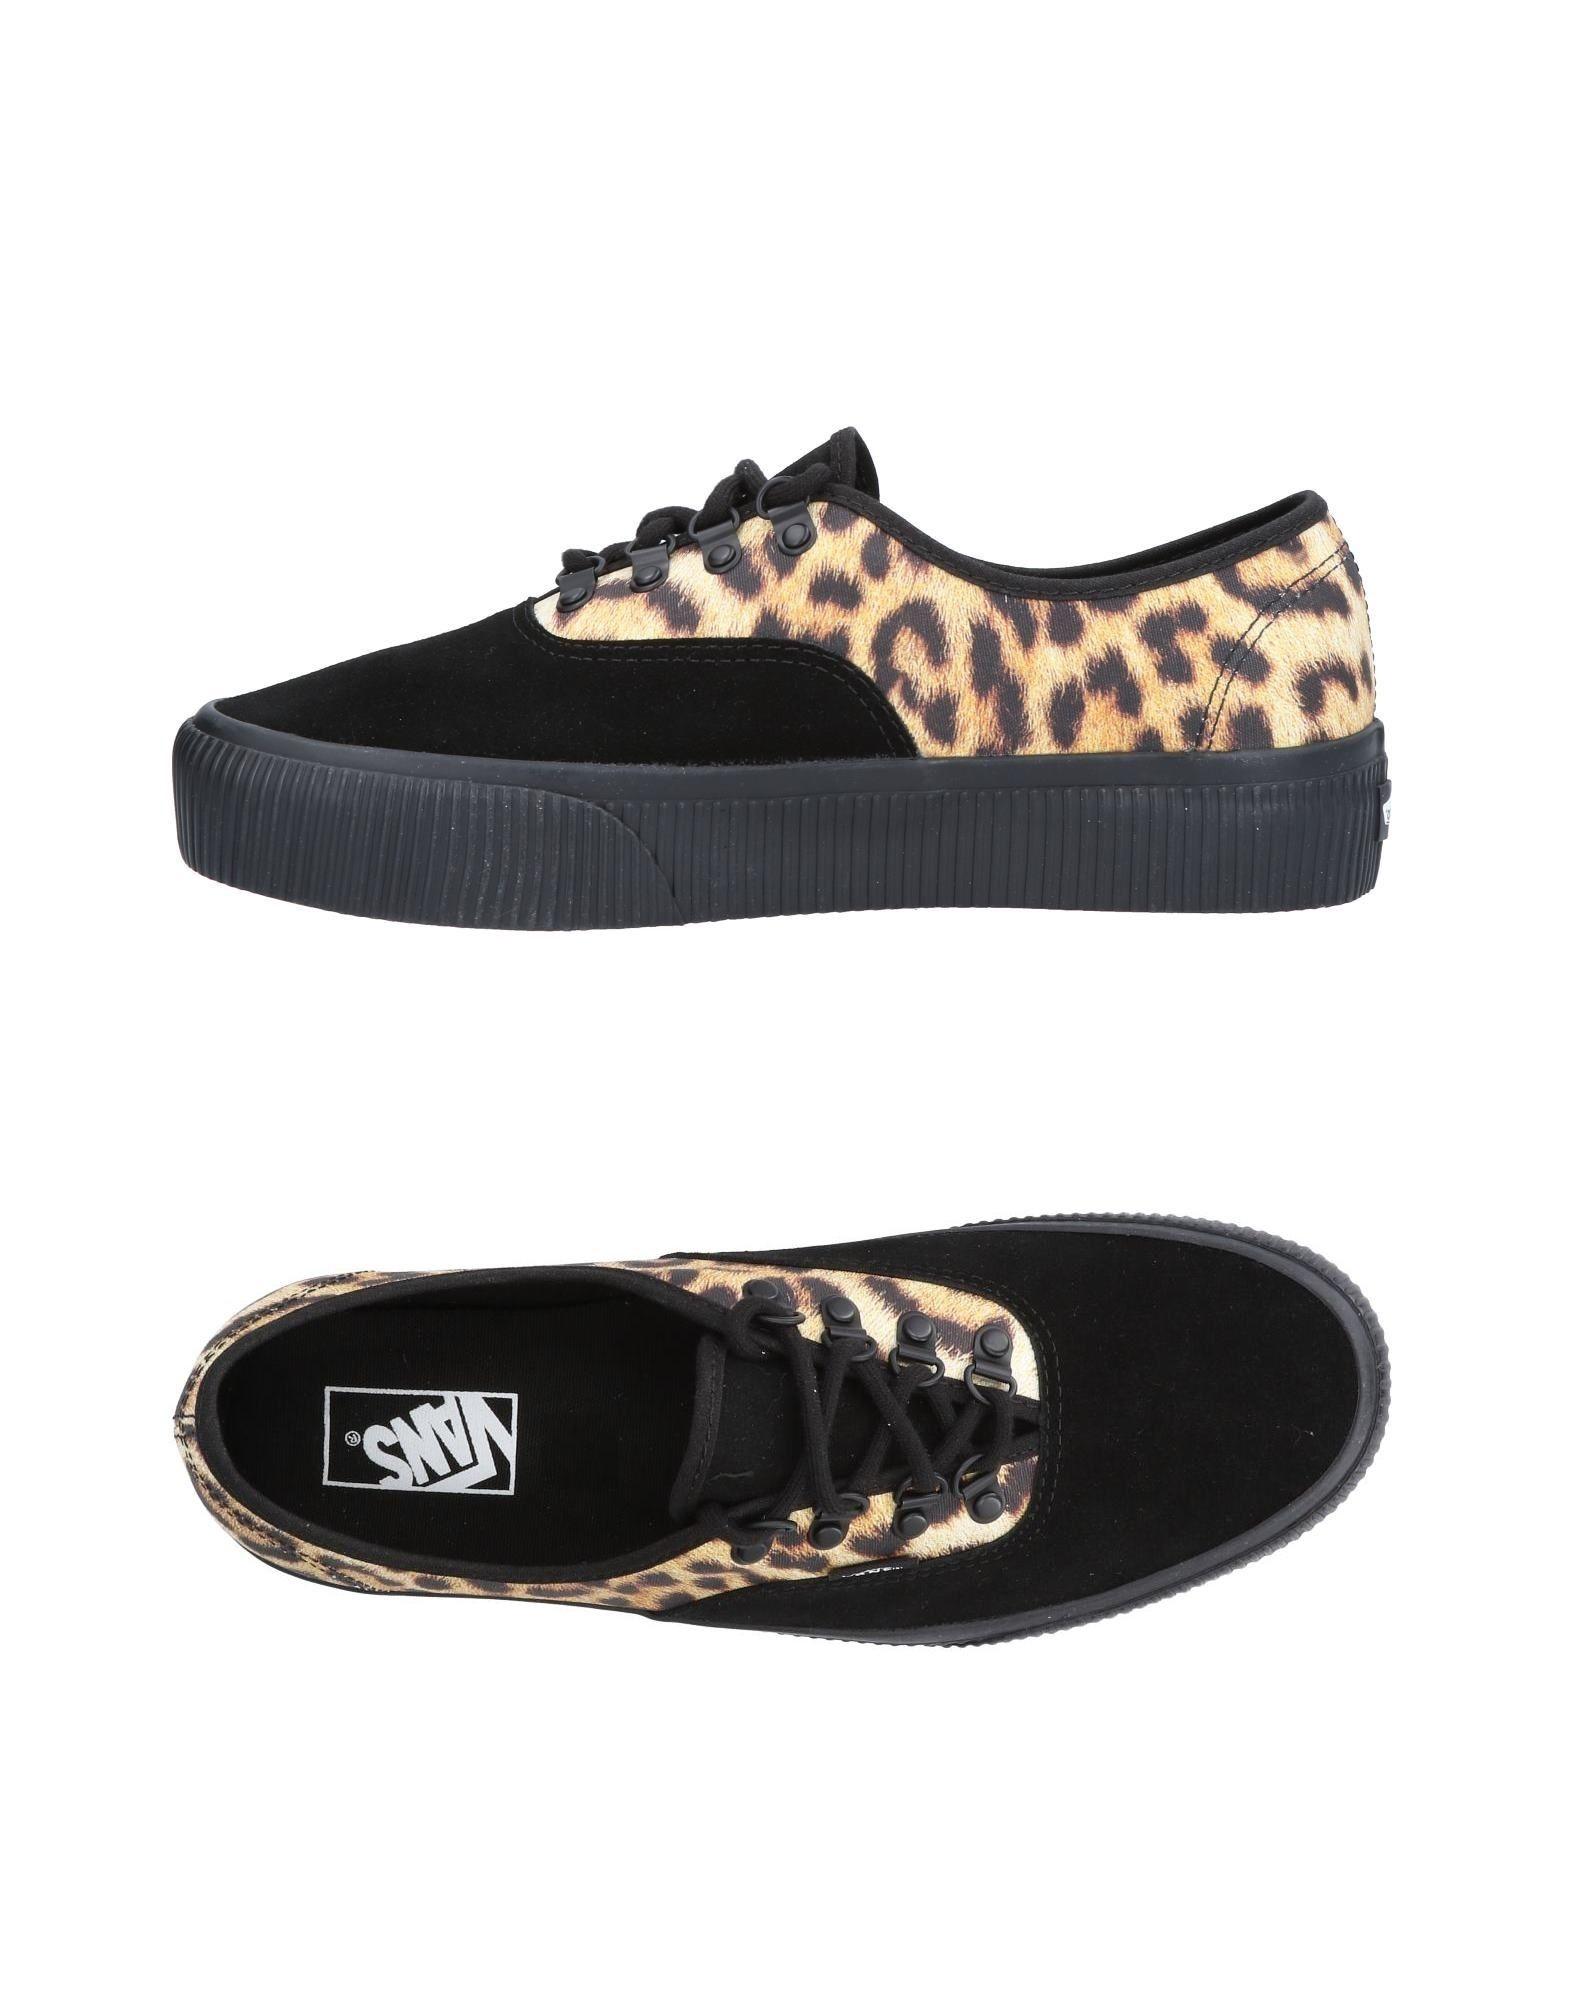 Vans Sneakers Herren Heiße  11495916CA Heiße Herren Schuhe df858c